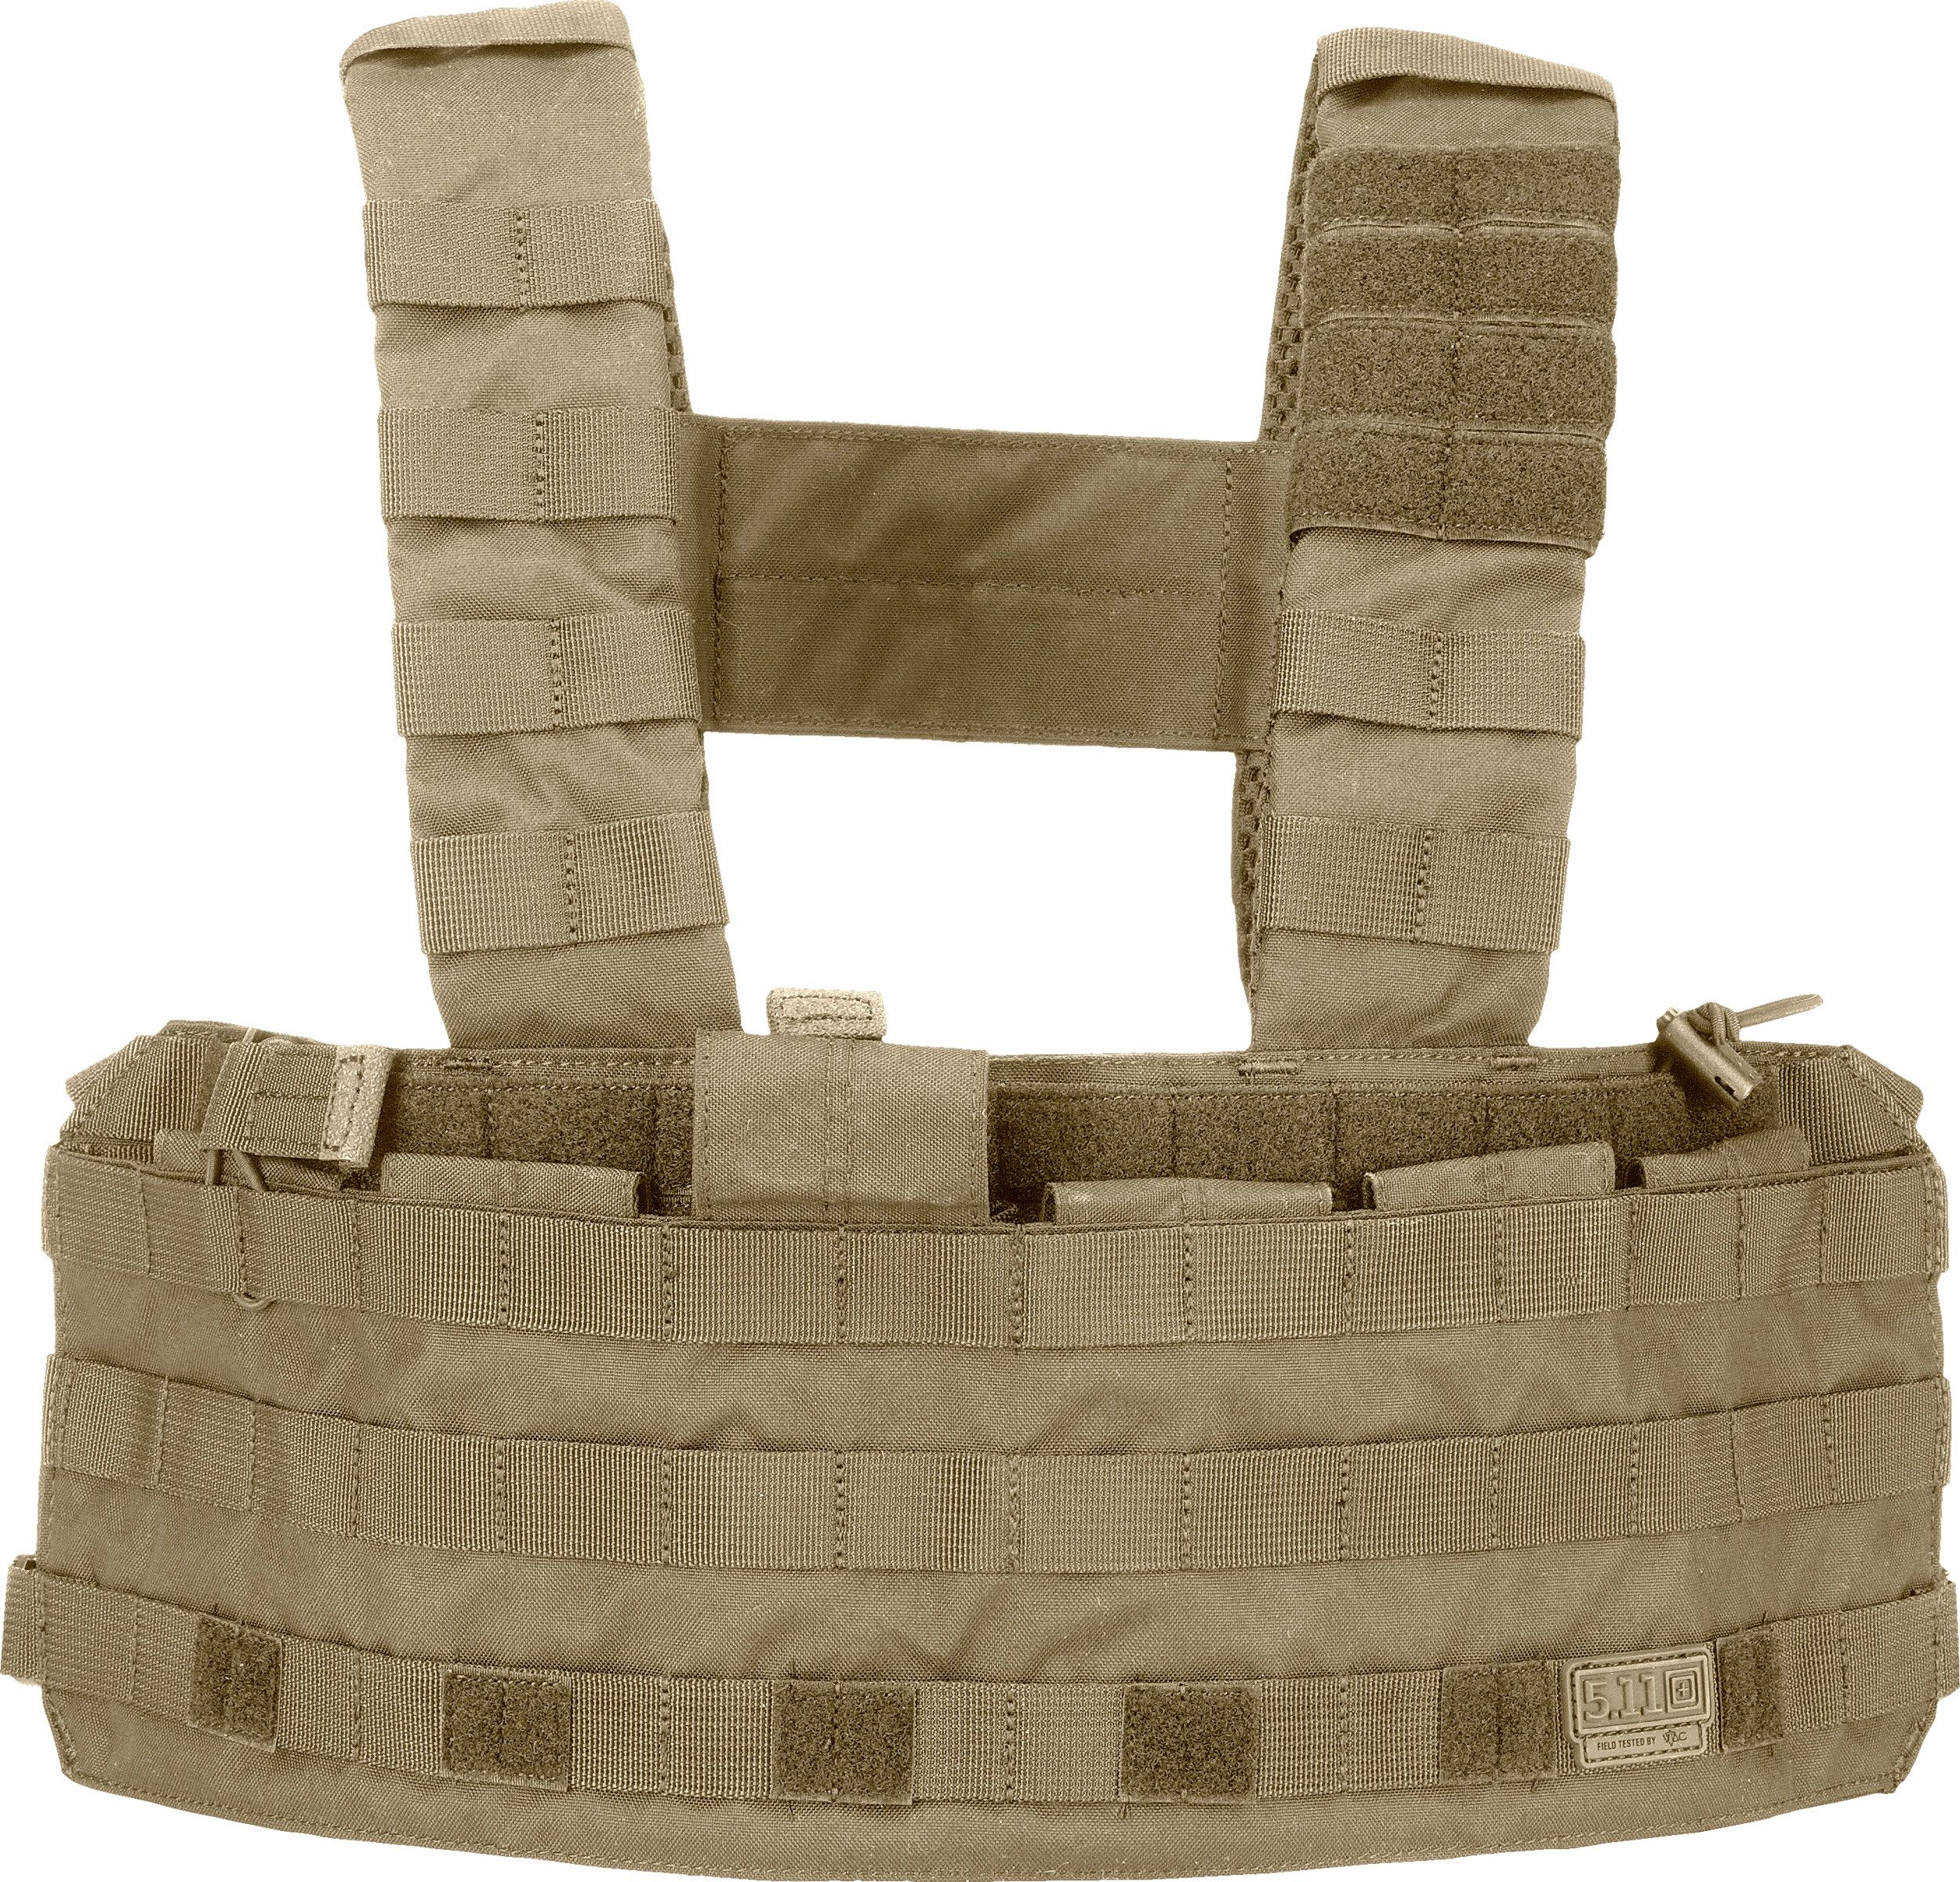 5.11 Tactical TacTec Tactical Chest Rig, Sandstone (56061-328)